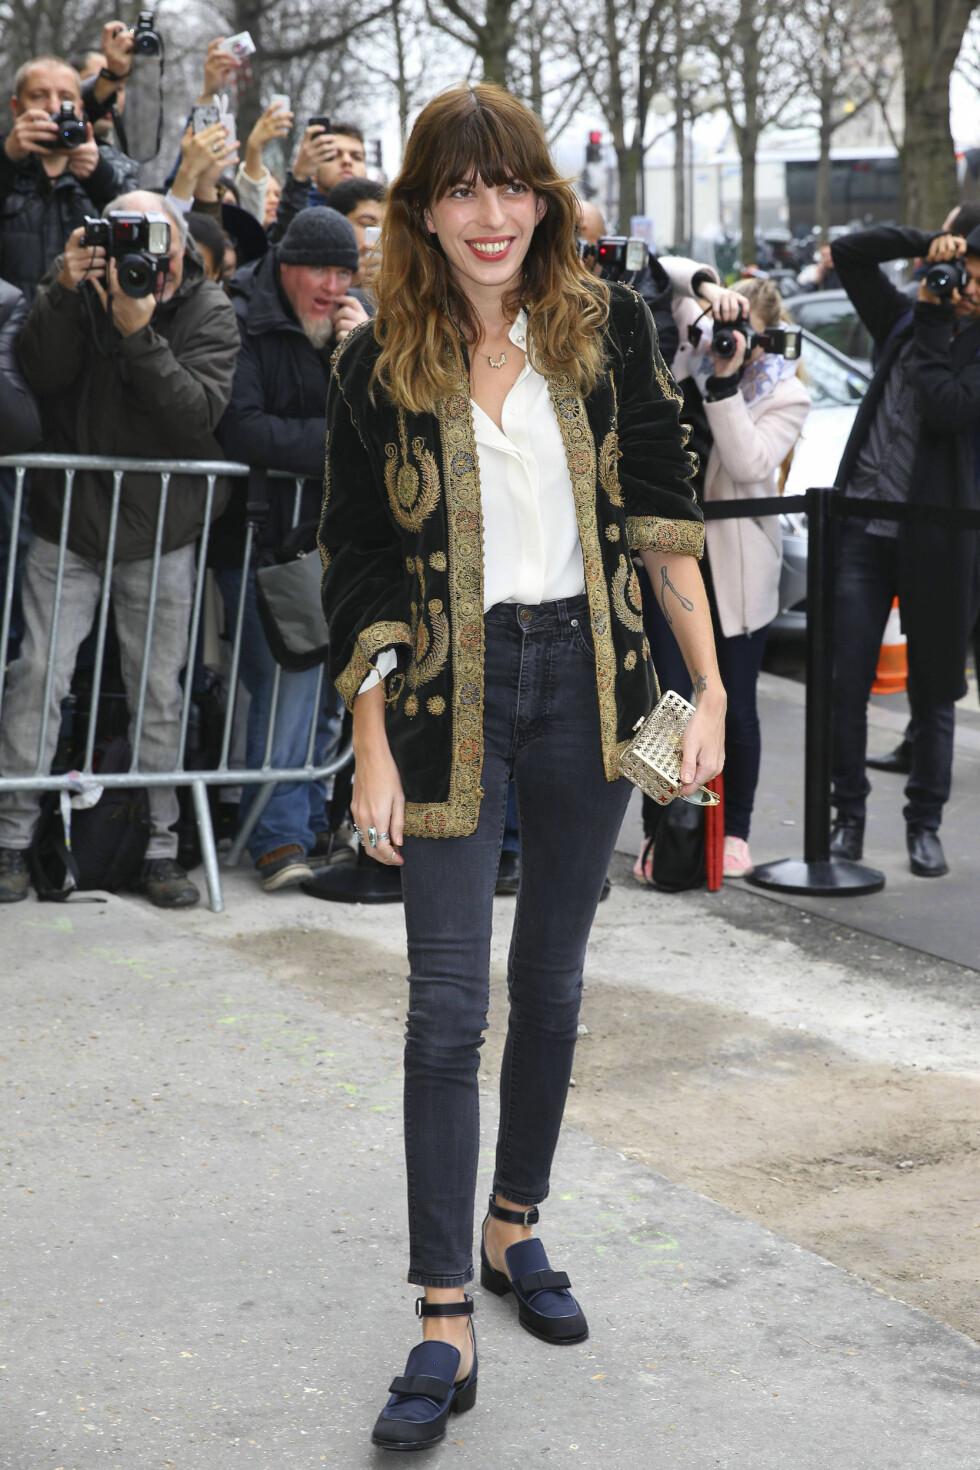 HØYE SKINNYJEANS: Lou Doillon har en kul stil, og går ofte i slitte smale jeans med høyt liv. Selv de lave skoene stjeler ikke noe av høyden hennes.  Foto: All Over Press